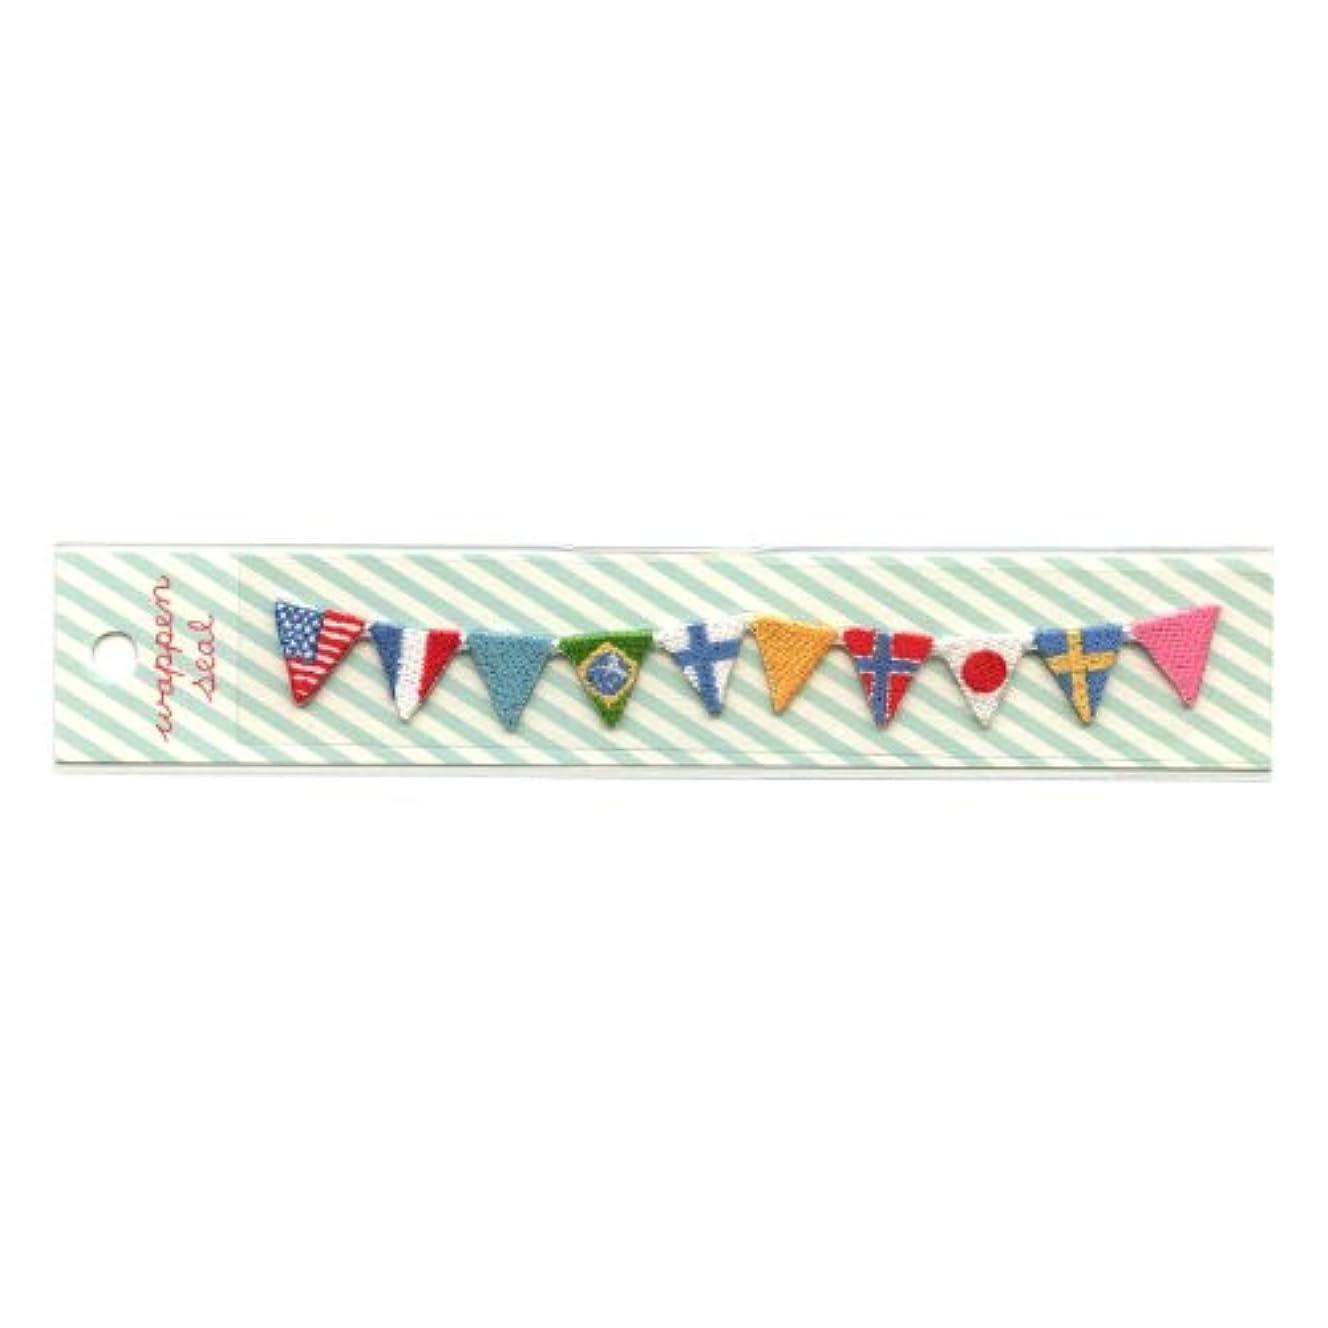 かる憂鬱国歌リュリュ 刺繍ワッペンシール 国旗 SWS−12